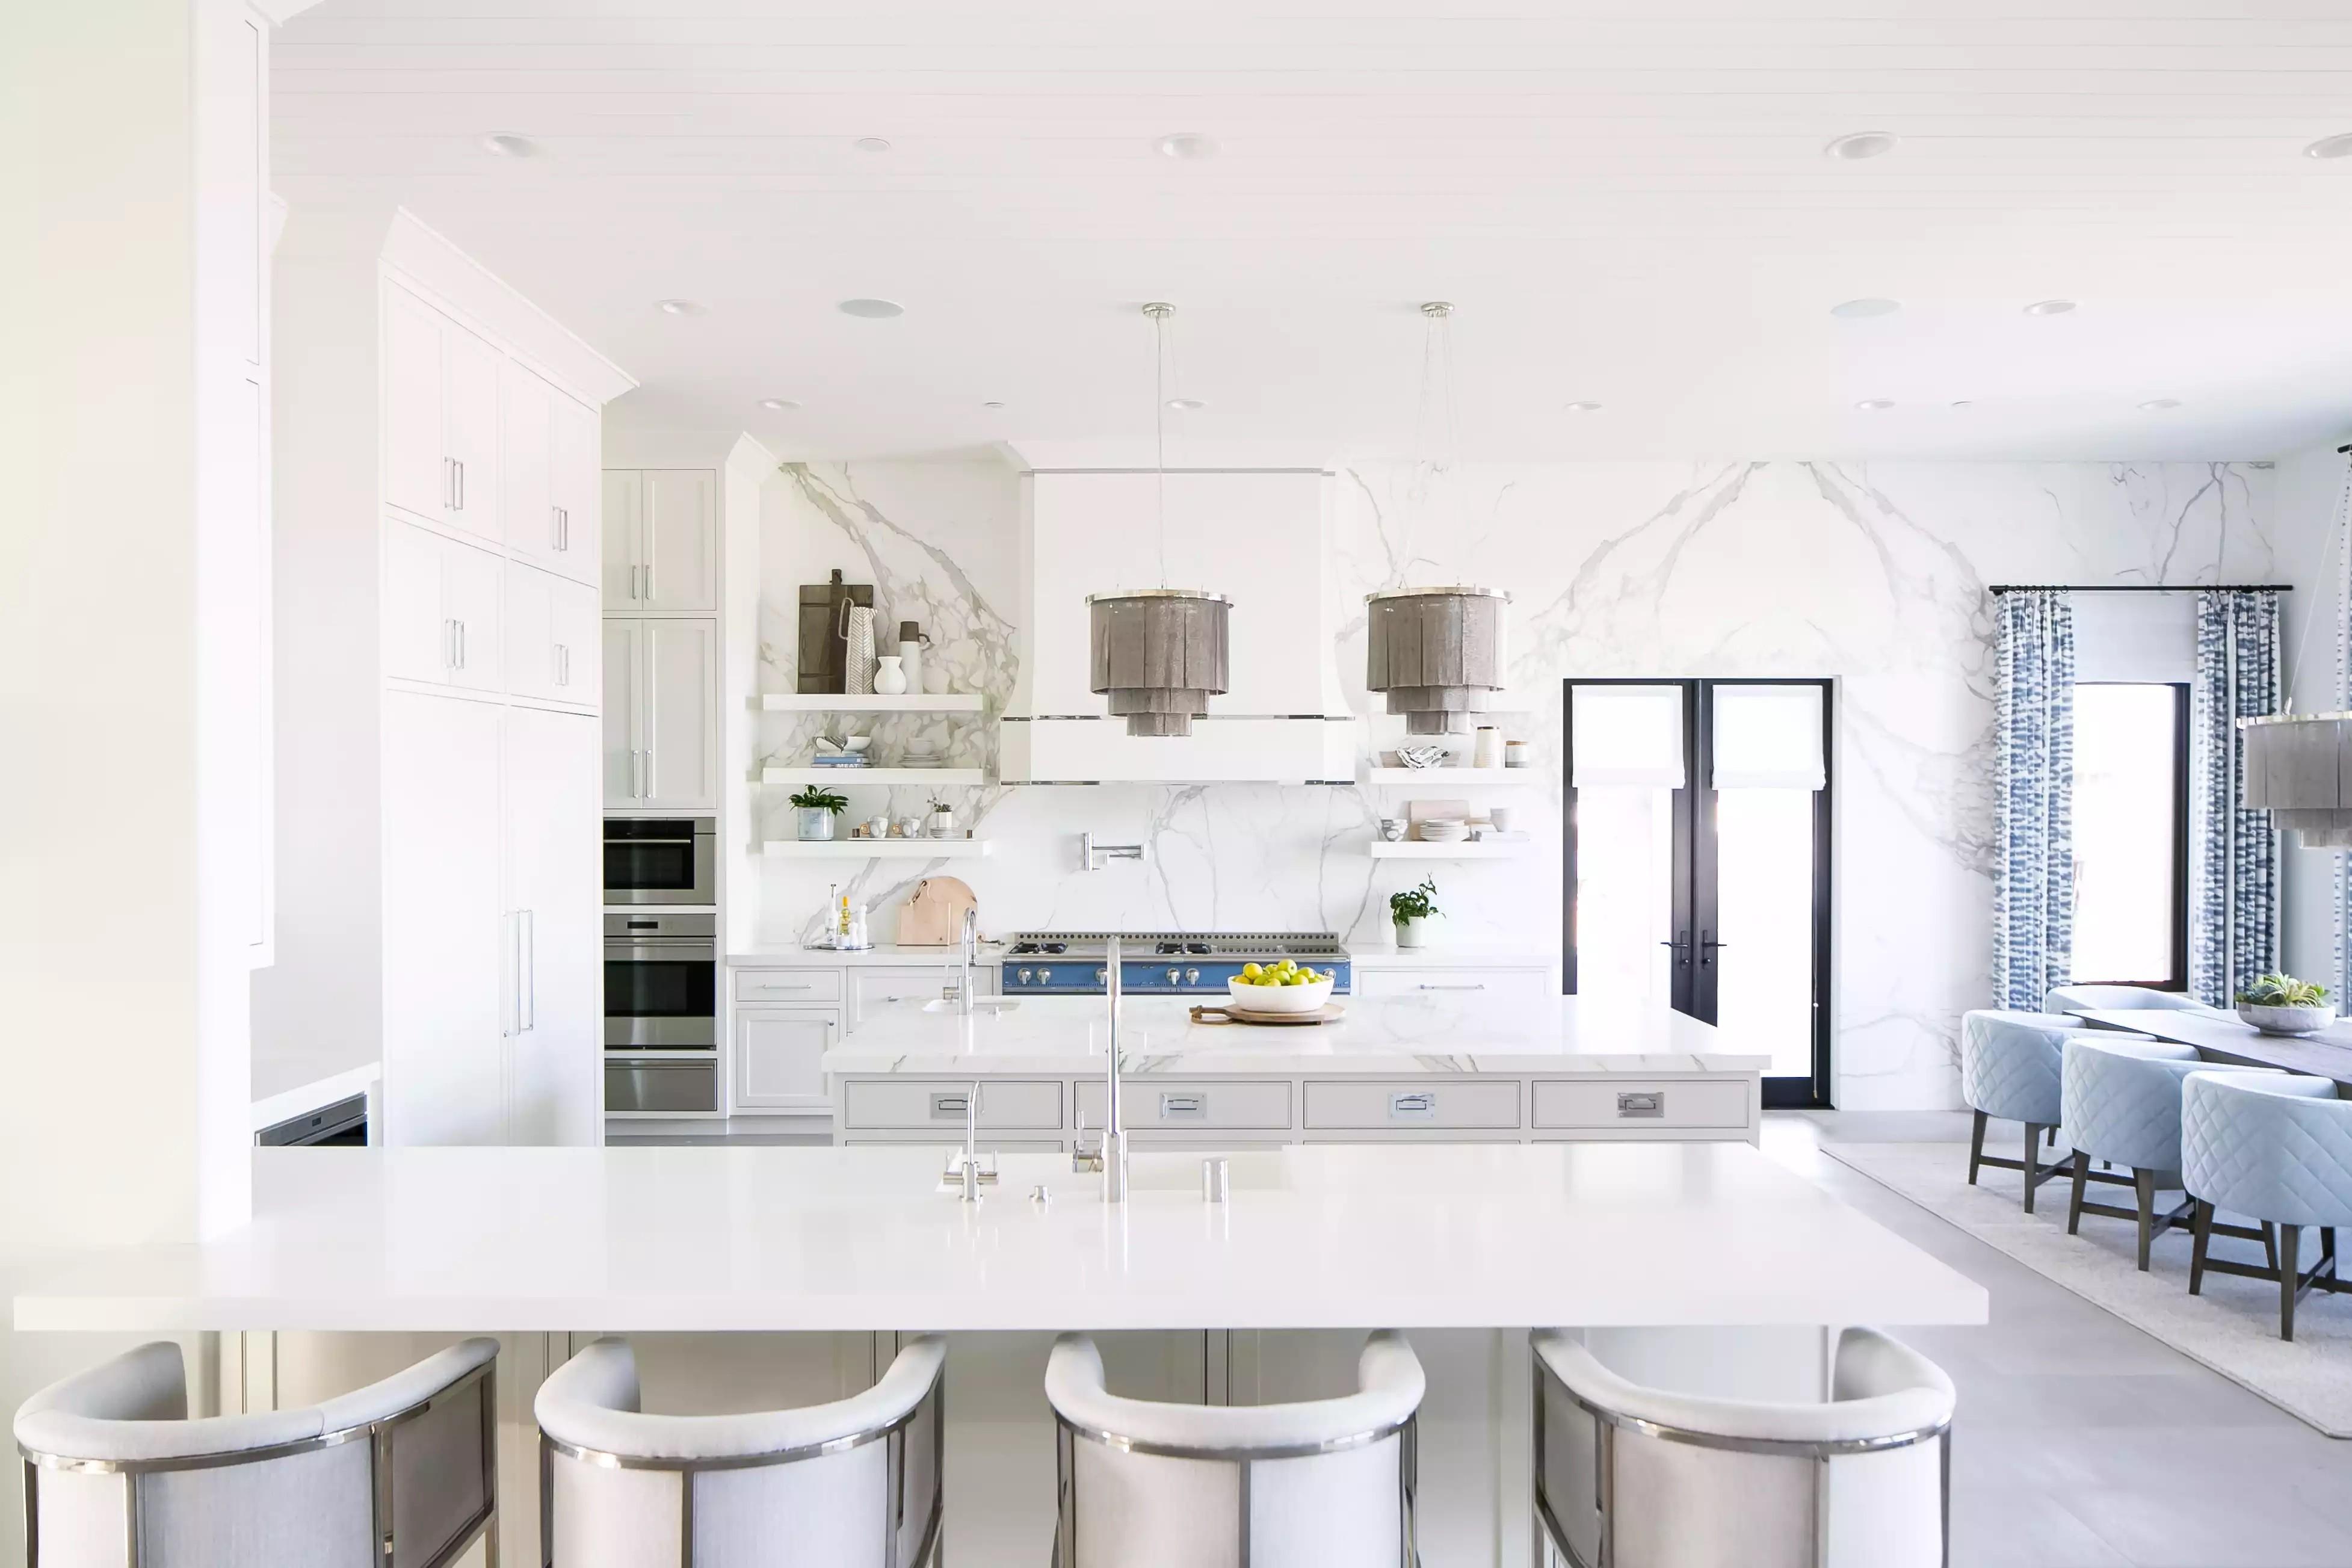 مطابخ أمريكية مفتوحة على الصالة- مطبخ مفتوح كبير